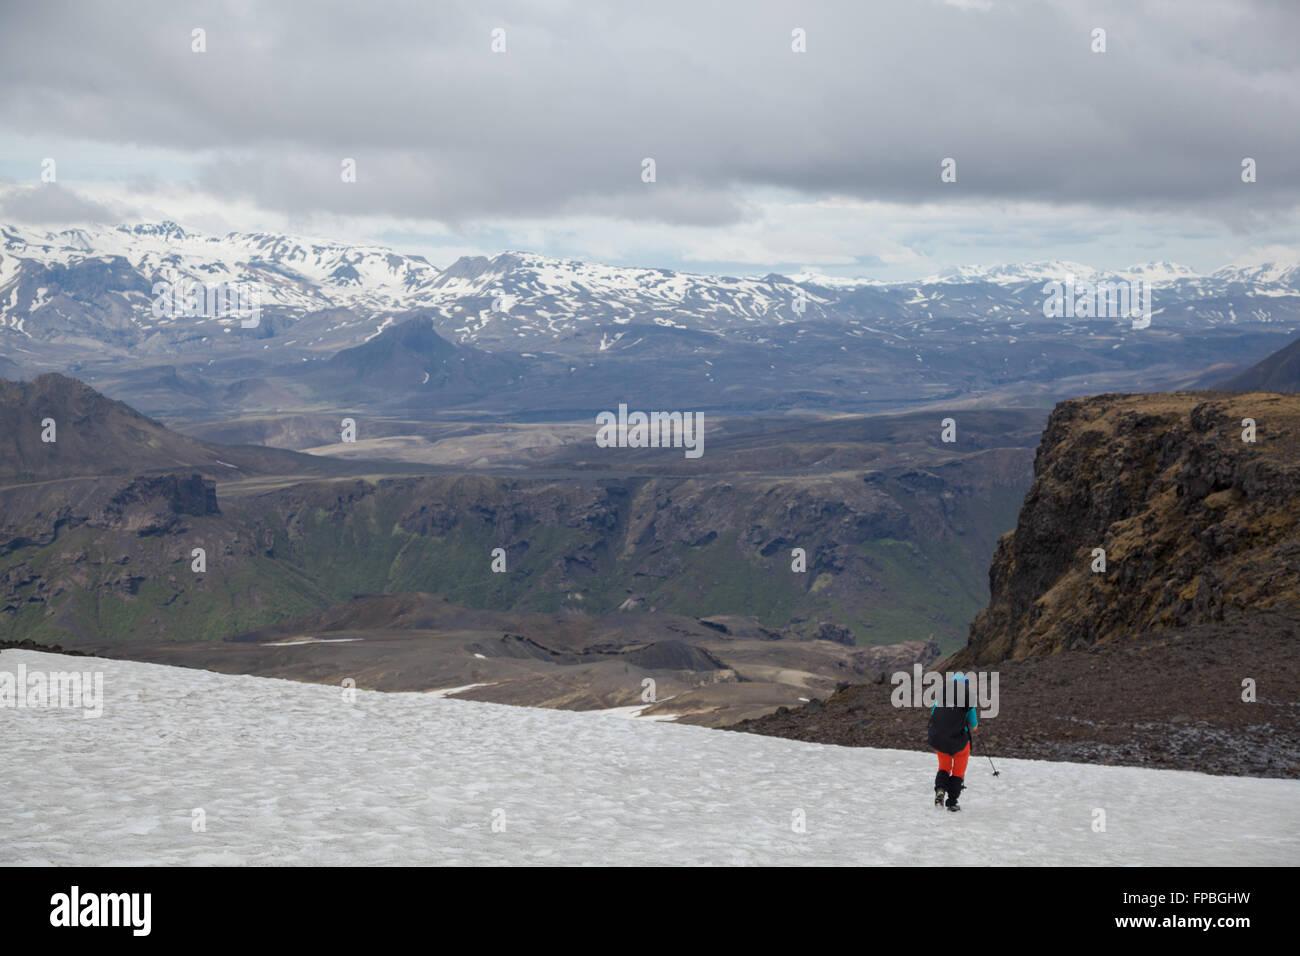 Hiking the Landmannalaugar trail, Fimmvörðuhás, Iceland - Stock Image